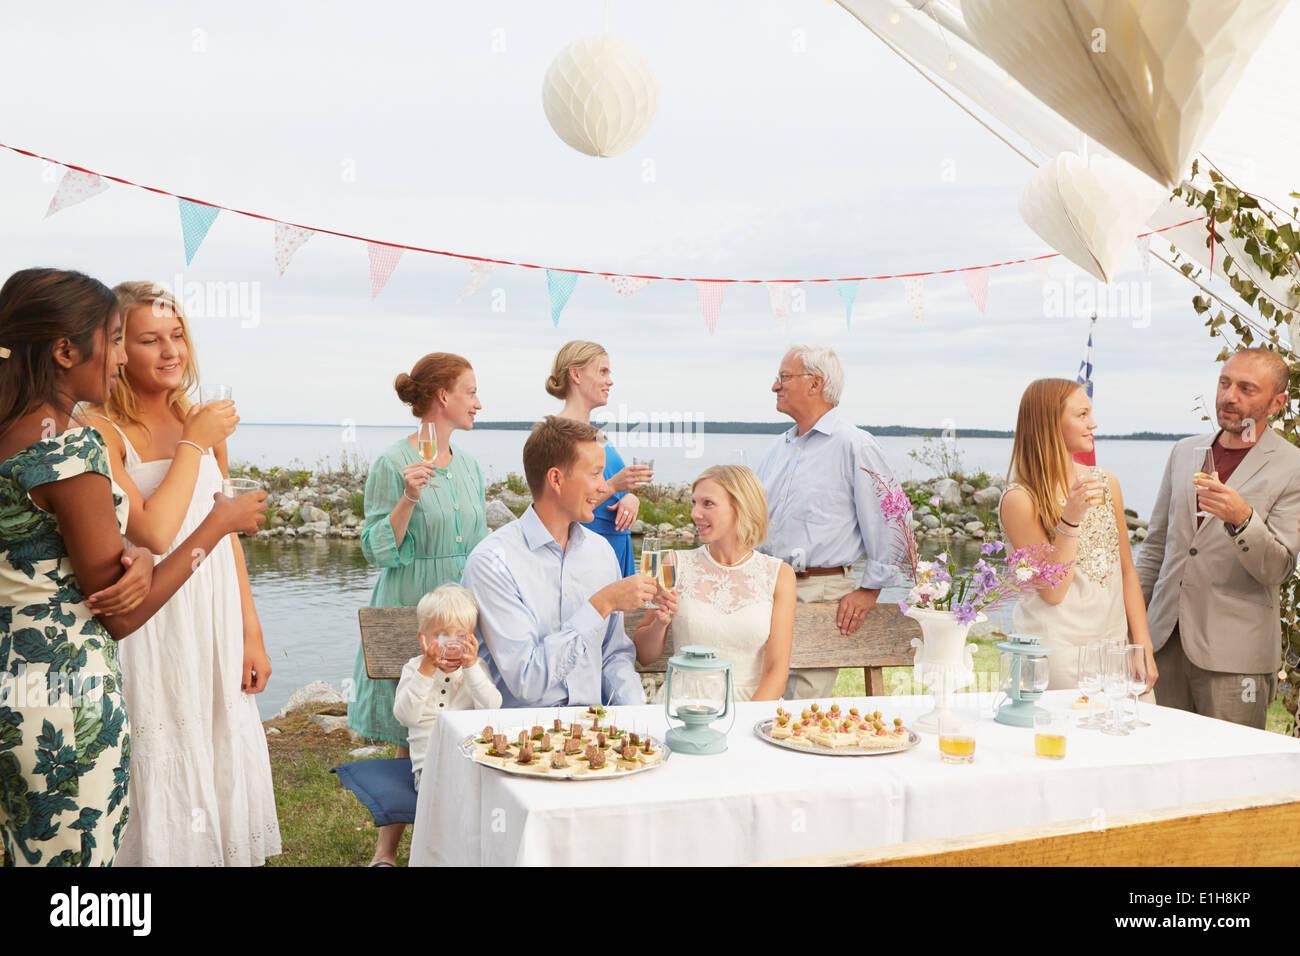 Metà adulto giovane fare un brindisi con gli amici al ricevimento di nozze Immagini Stock